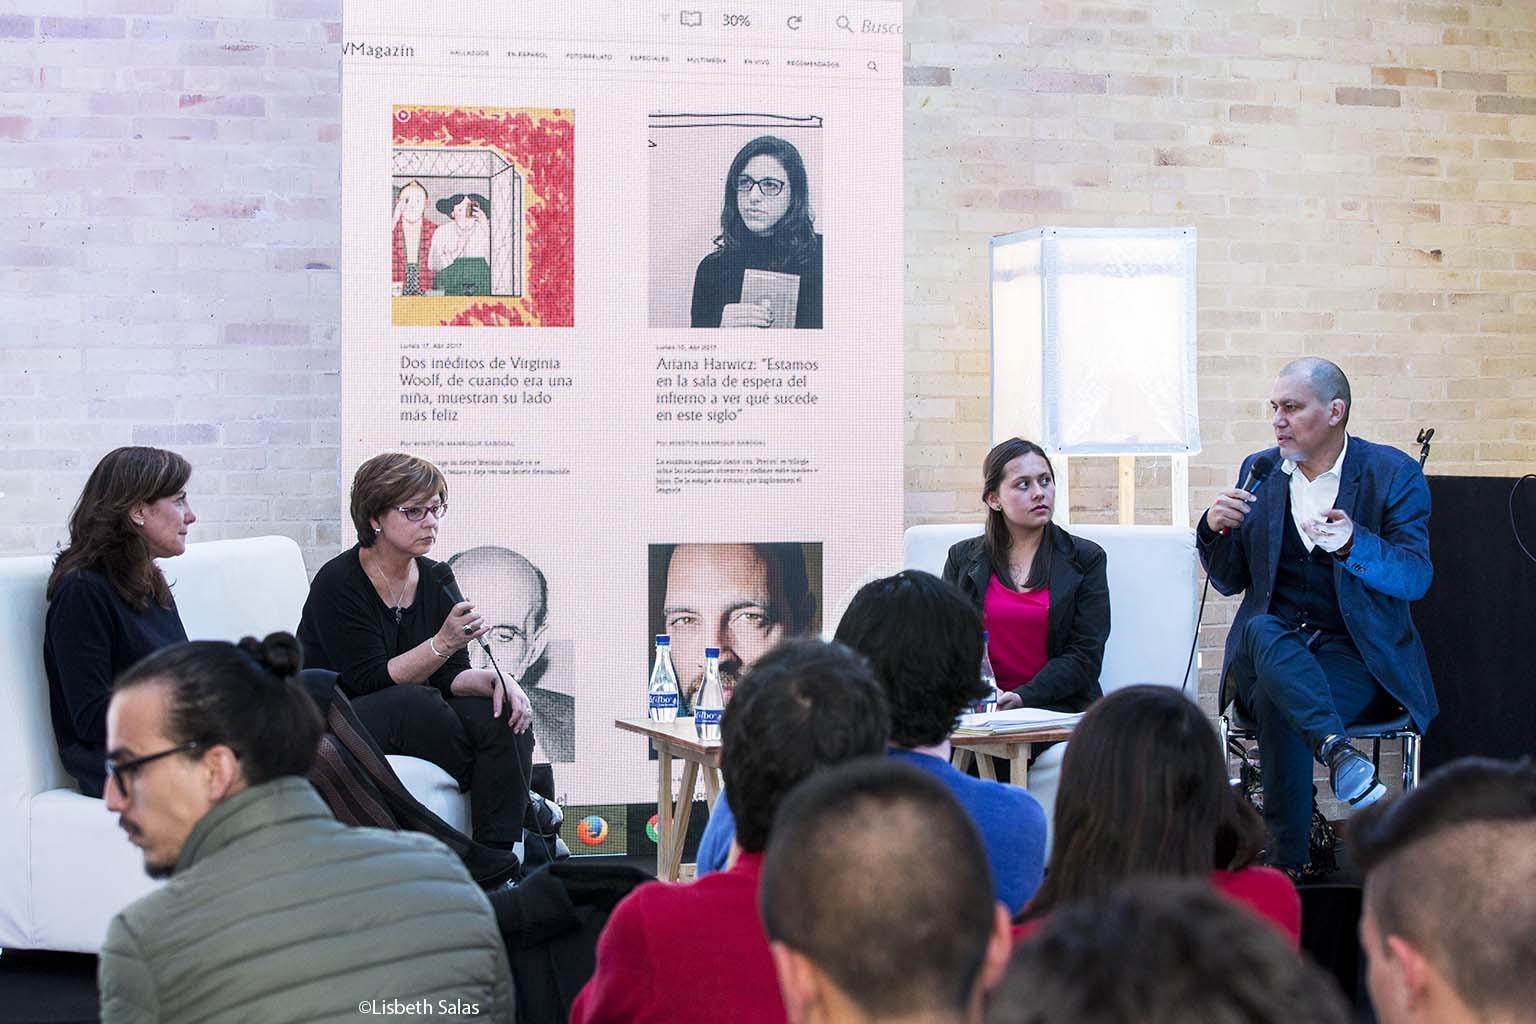 Desde la izquierda: Valerie Miles, Piedad Bonnett, Laura Bonilla y Winston Manrique en la presentación de WMagazín. / Vídeo de Luis Manrique Rivas